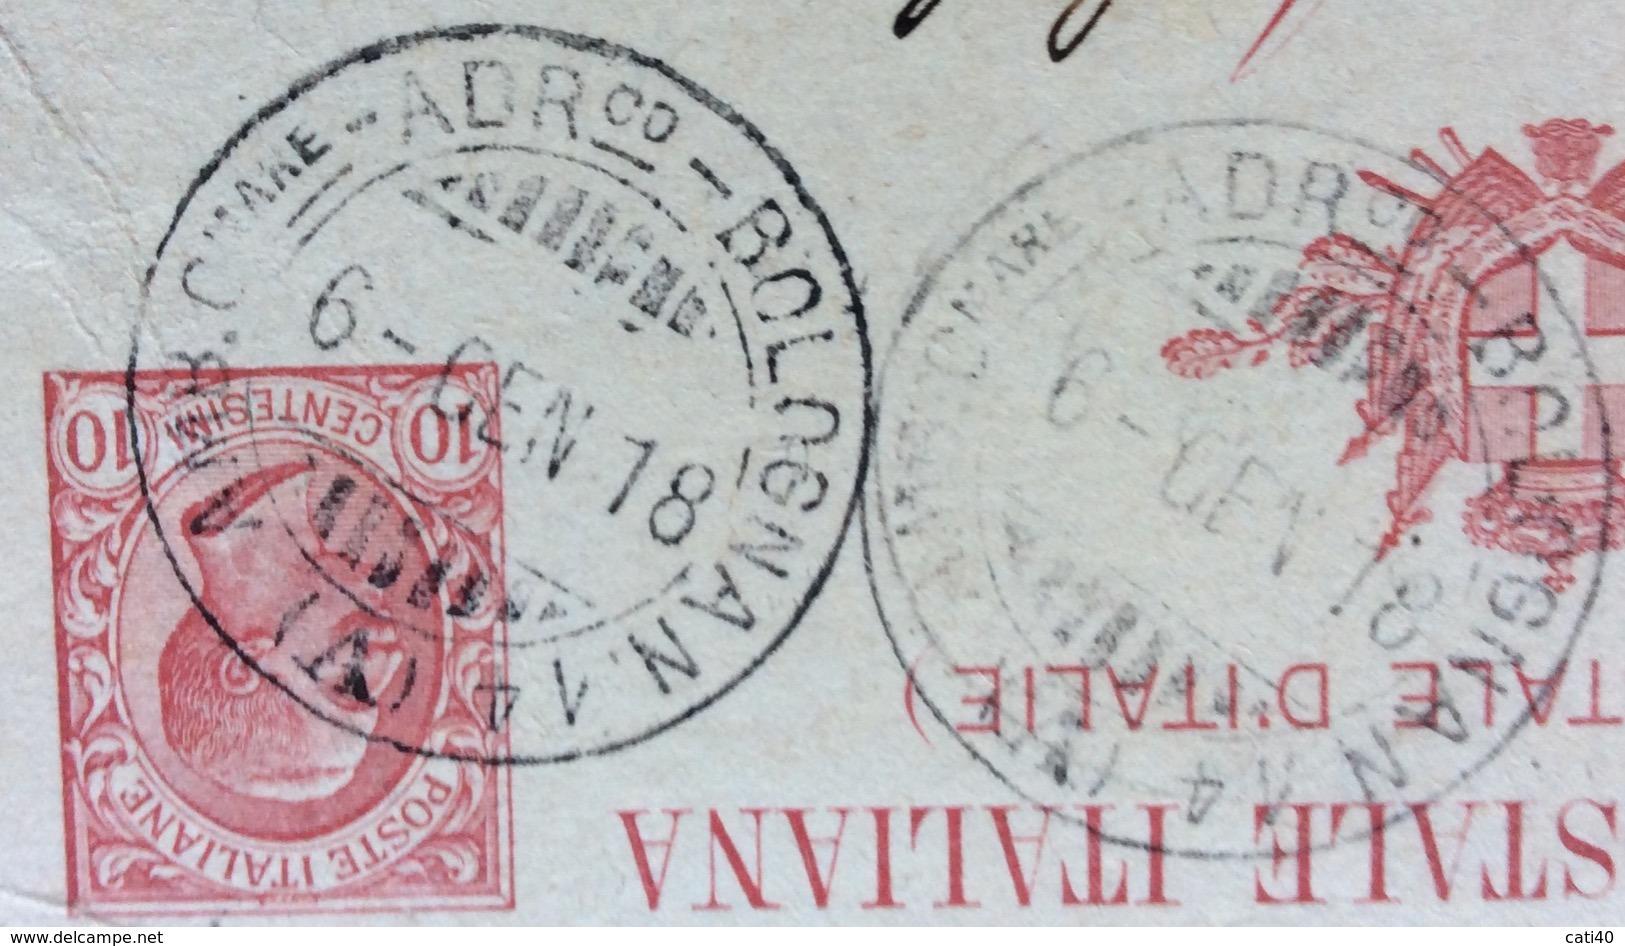 AMBULANTE C.MARE AD.o - BOLOGNA N.14  (A) 6 GE N 18 SU CARTOLINA POSTALE AUTOGRAFA OFFICINE CALZONI BOLOGNA - 1900-44 Vittorio Emanuele III